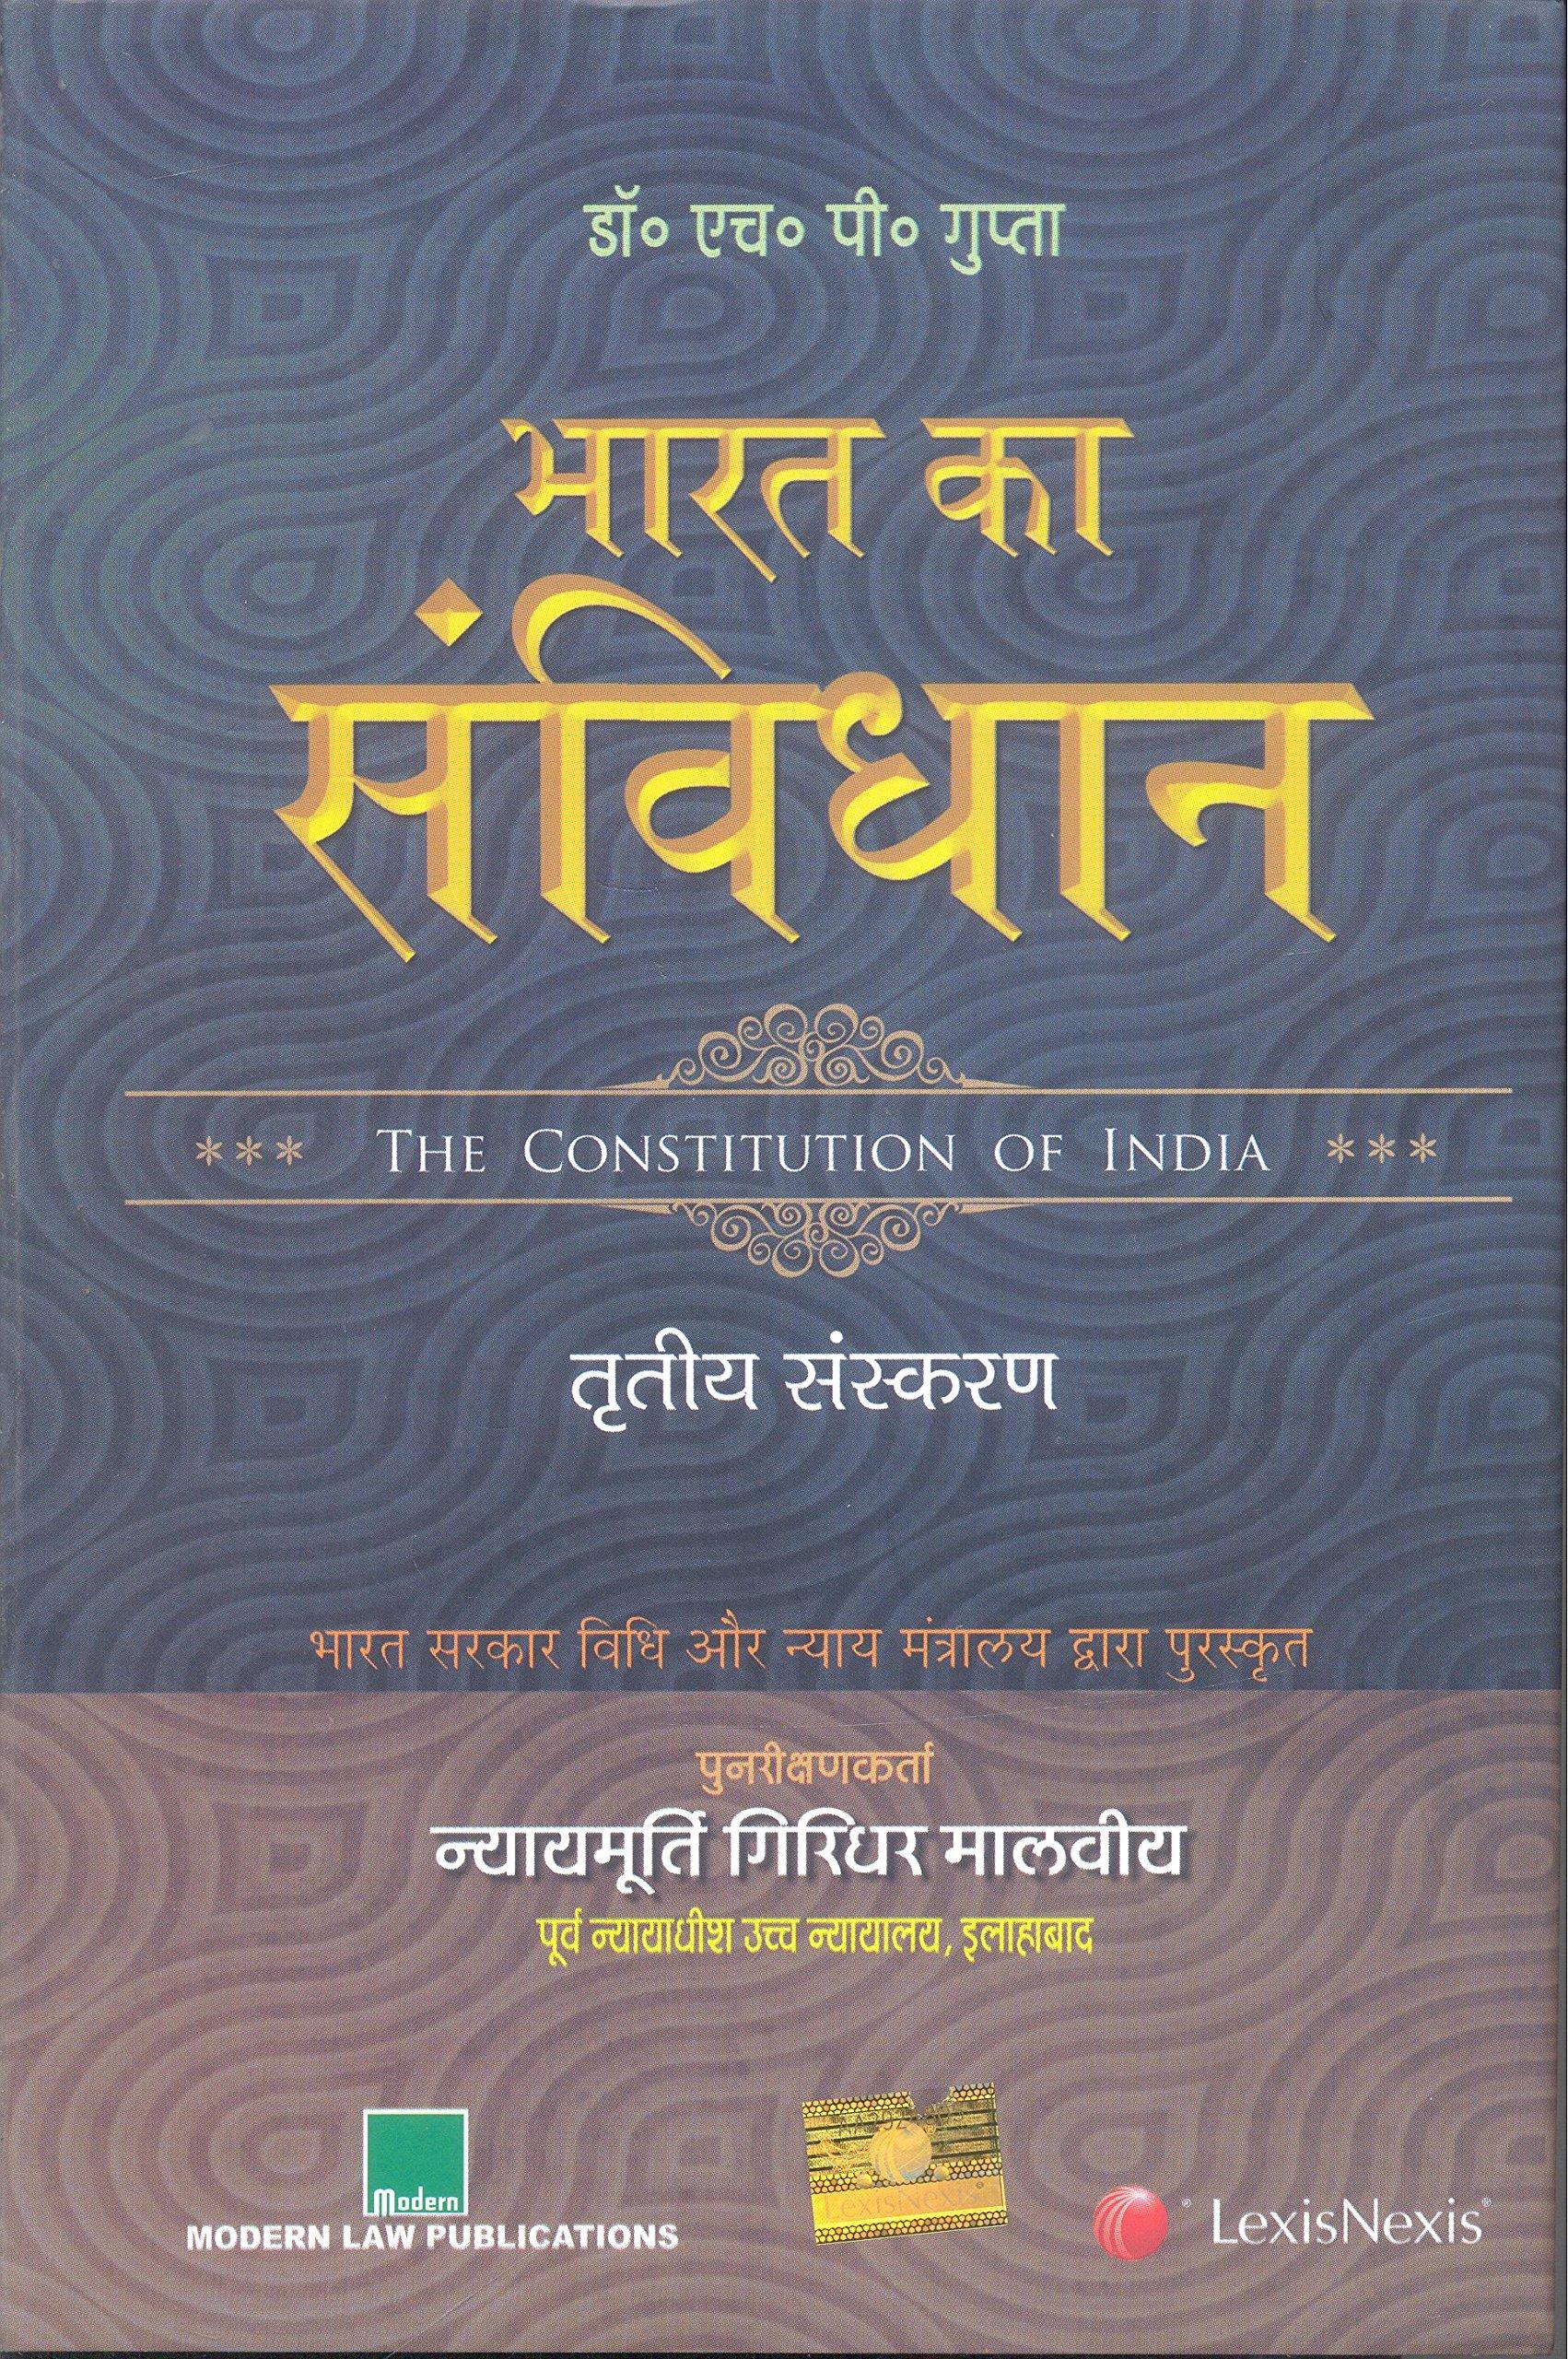 bhartiya samvidhan in marathi free download